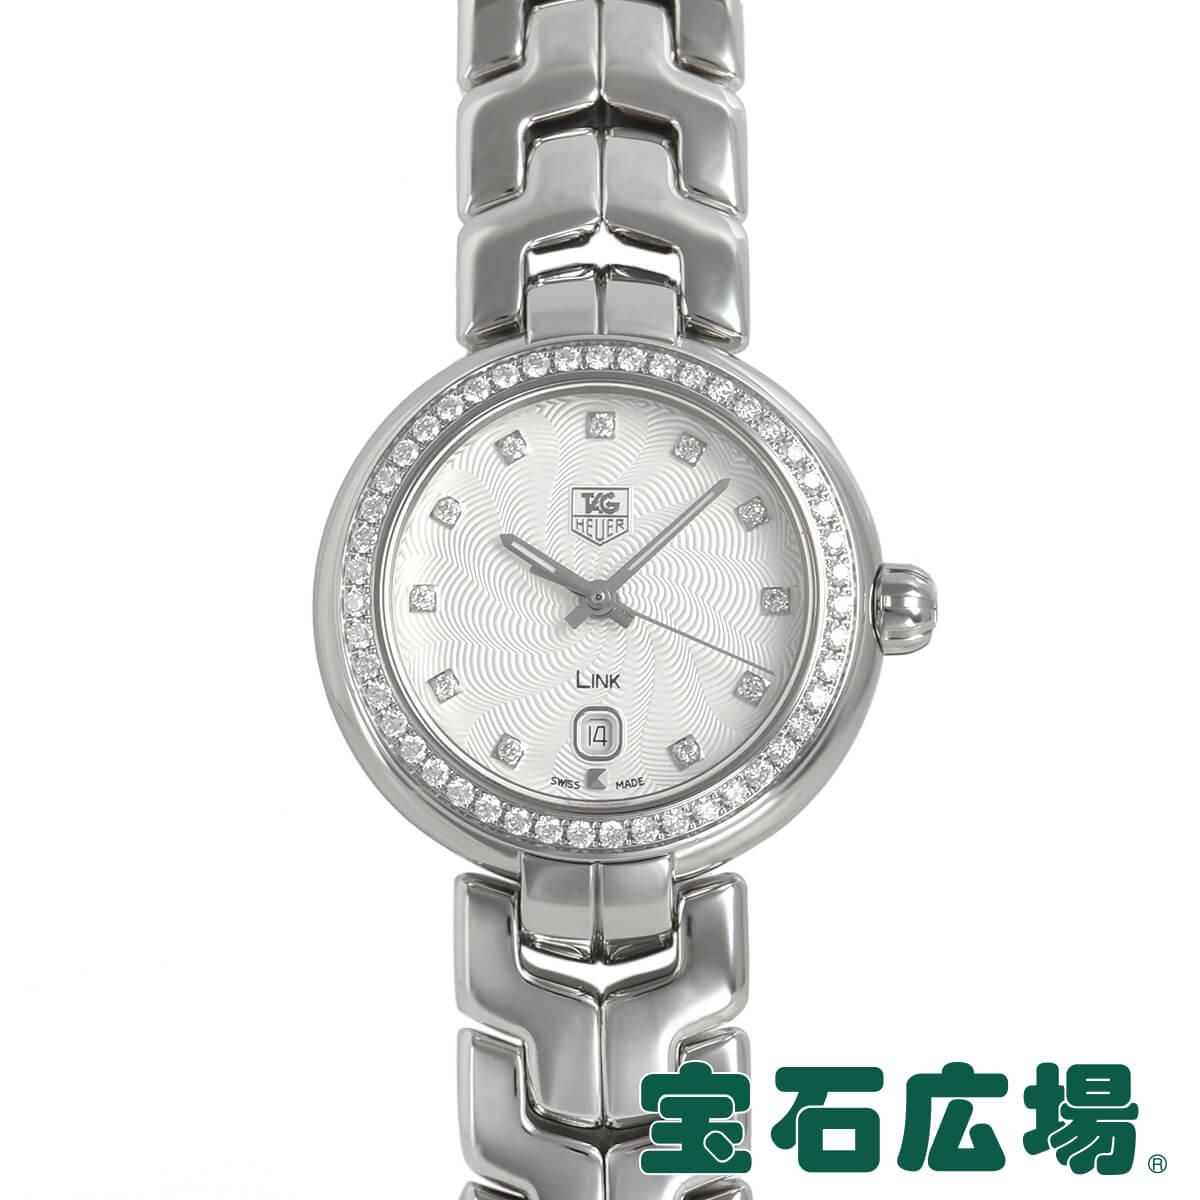 タグ・ホイヤー TAG HEUER リンク レディ ダイヤモンド WAT1414.BA0954【中古】レディース 腕時計 送料・代引手数料無料